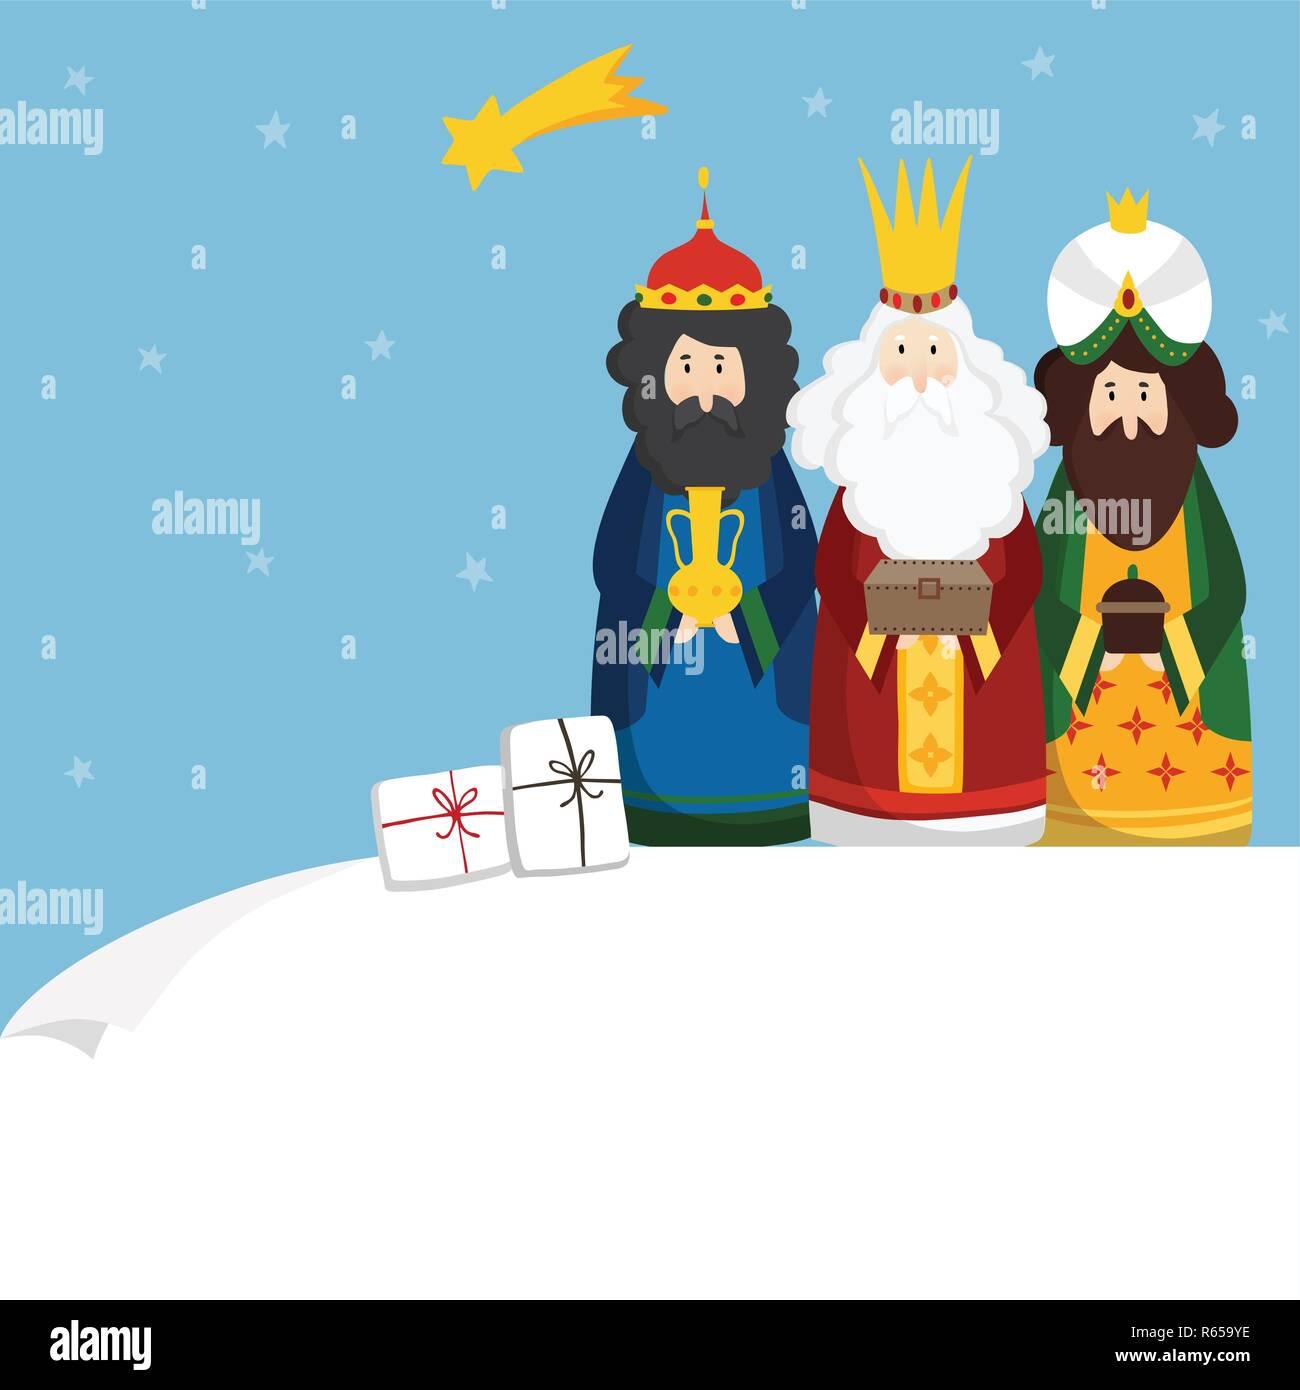 Felicitaciones De Navidad Con Los Reyes Magos.Tarjeta De Felicitacion De Navidad La Invitacion Tres